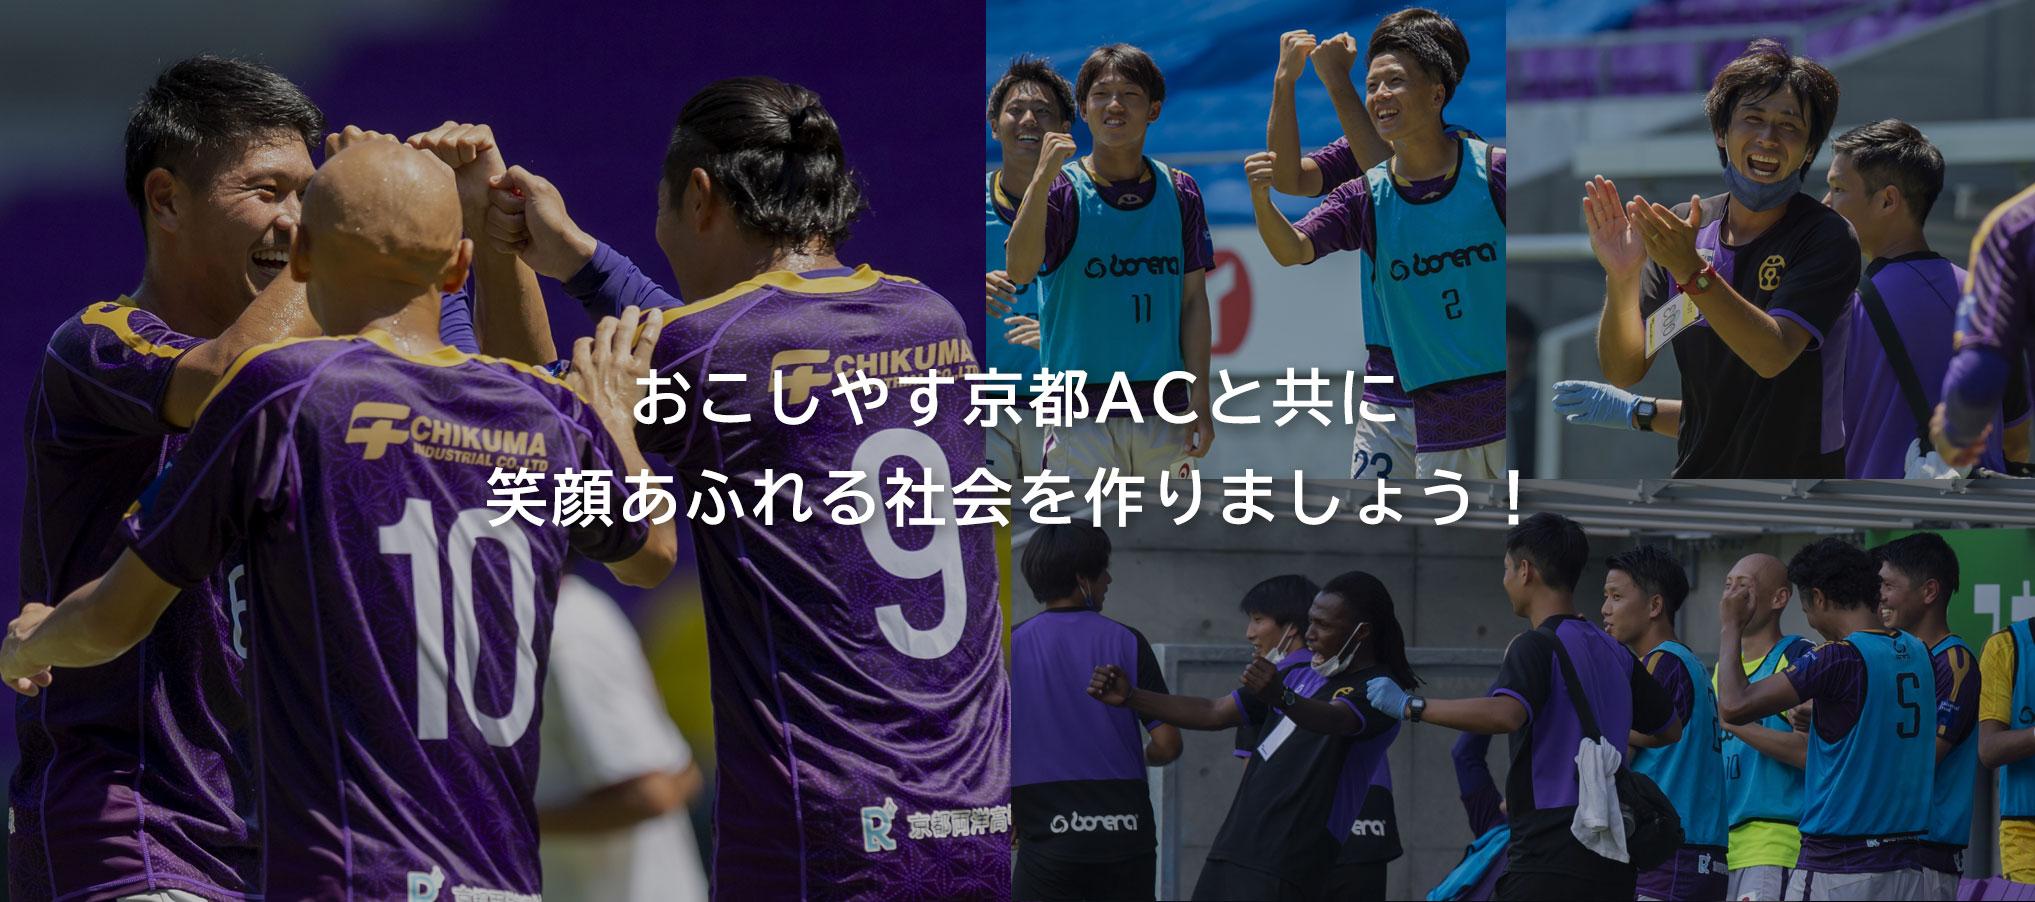 おこしやす京都ACと共に笑顔あふれる社会を作りましょう!